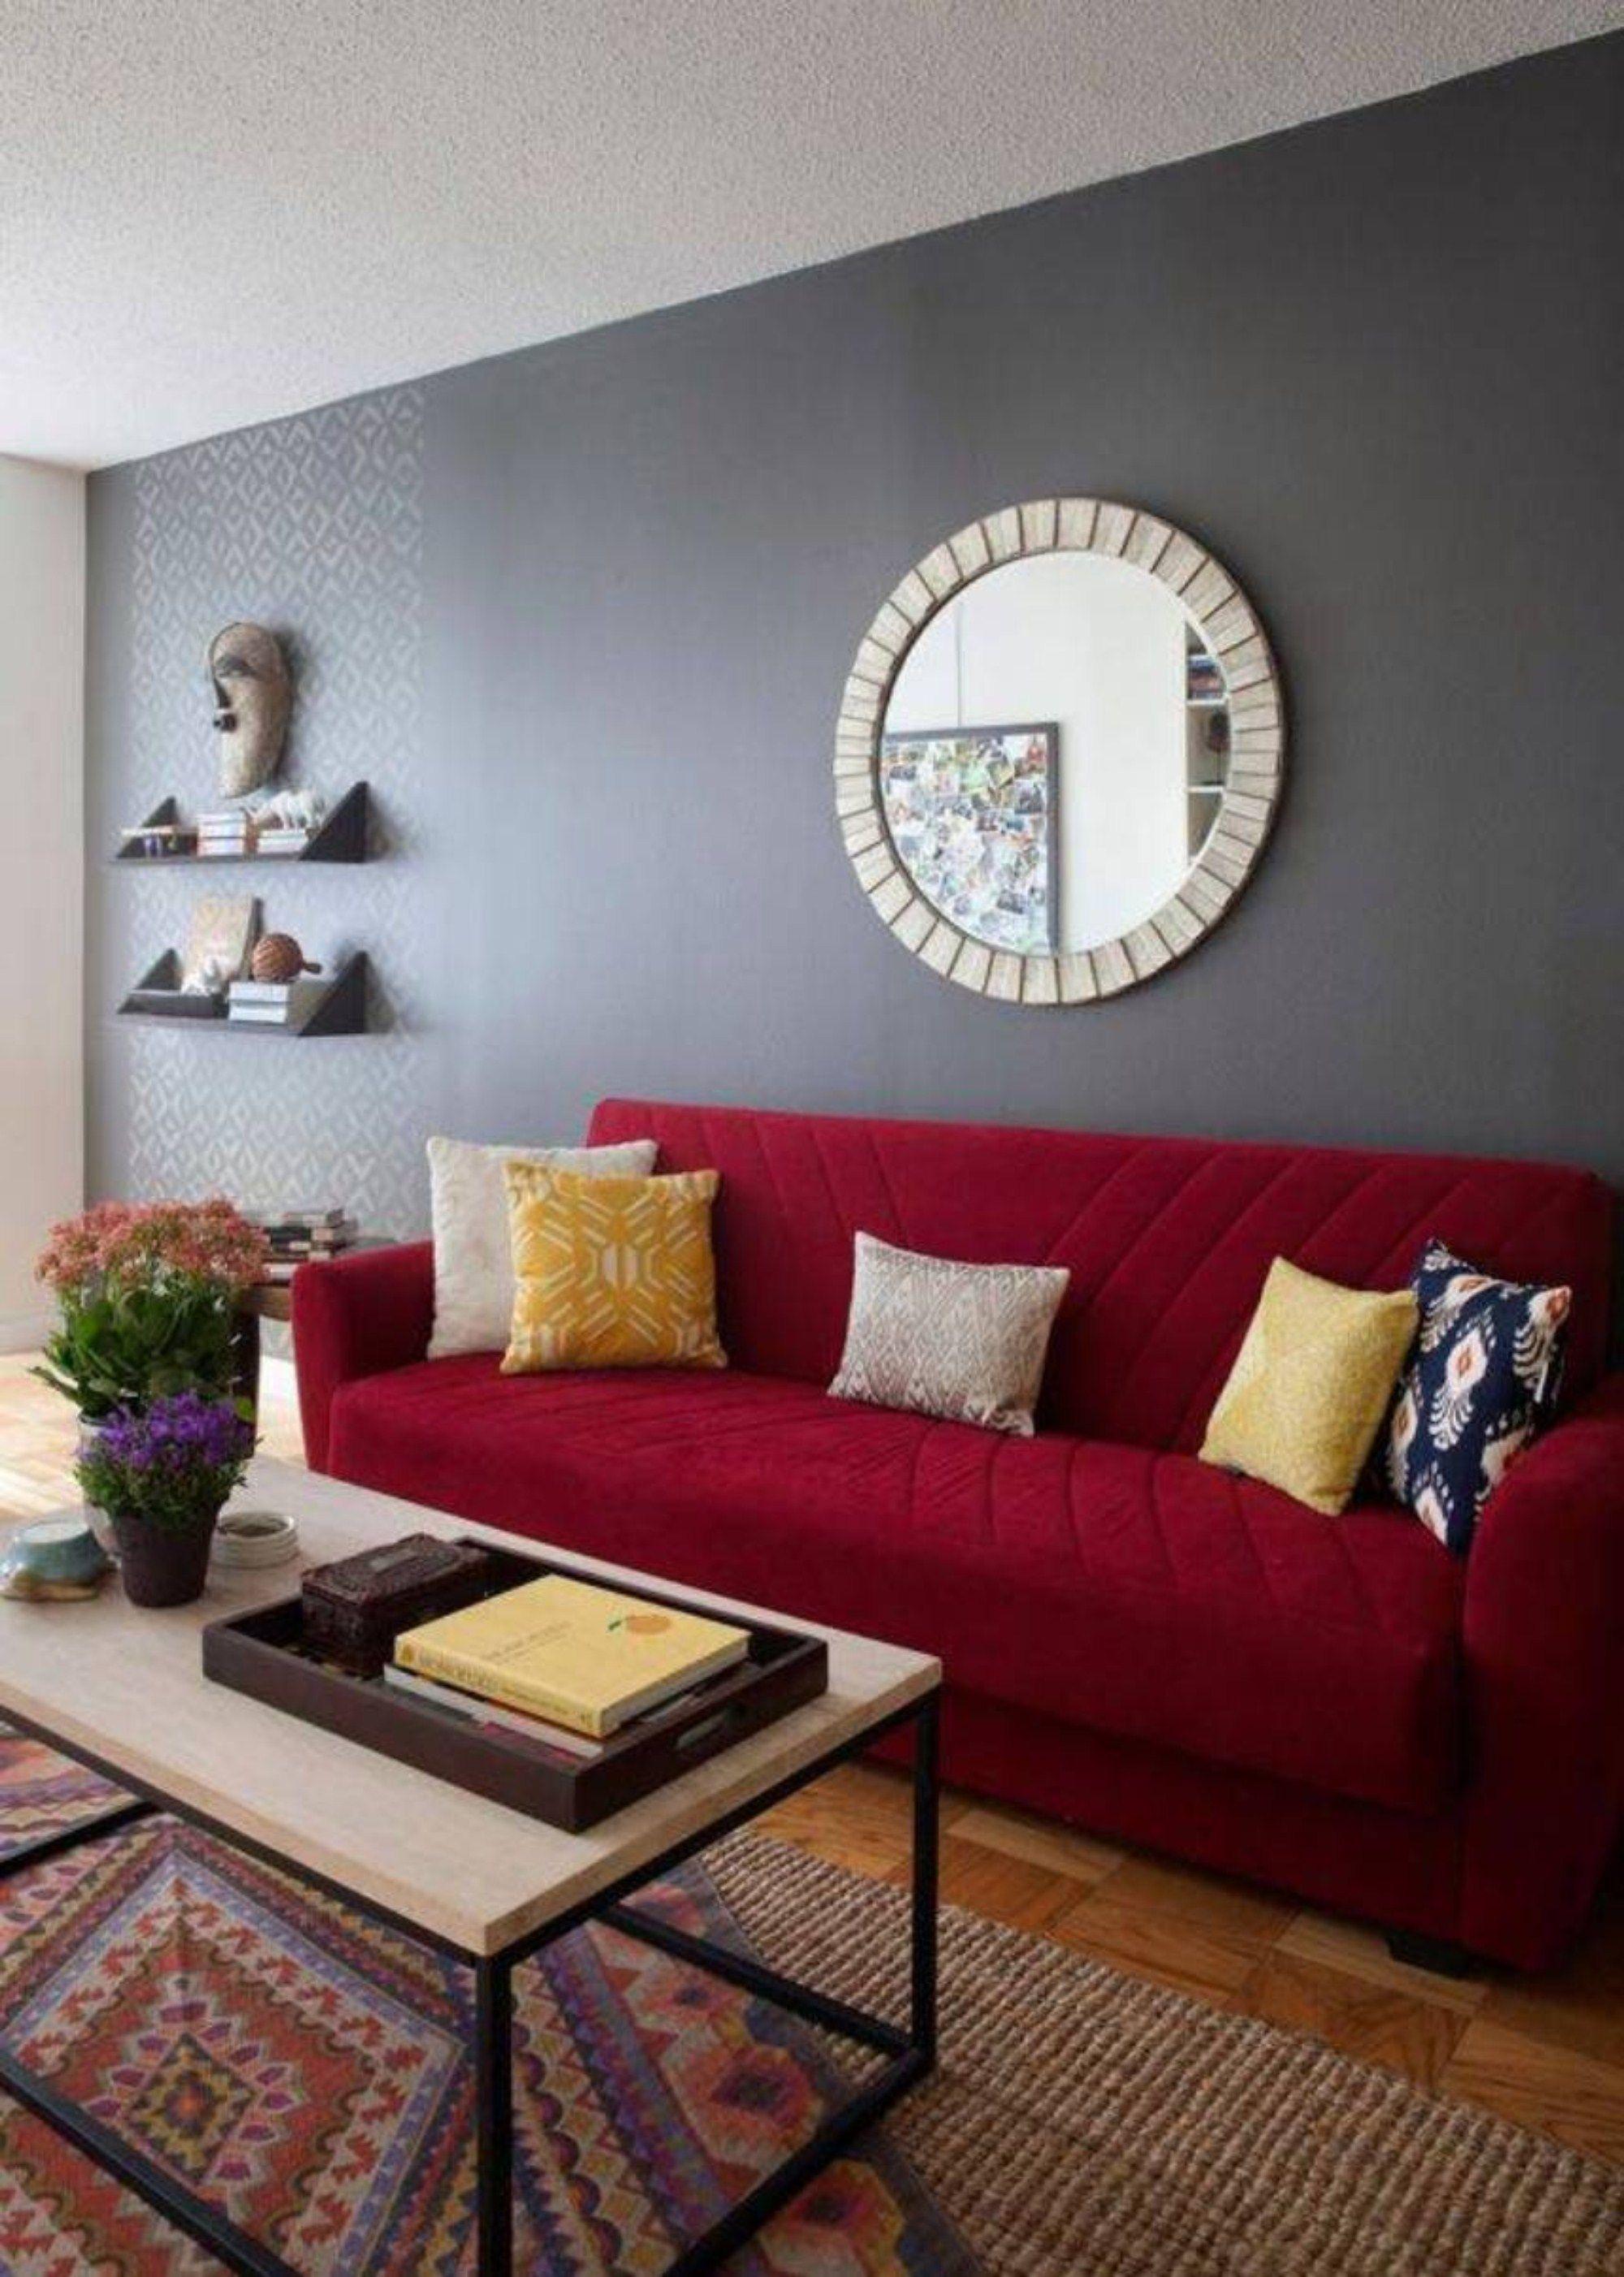 Pin von Alexandre Roger auf Home | Pinterest | Wohnzimmer, Rotes ...